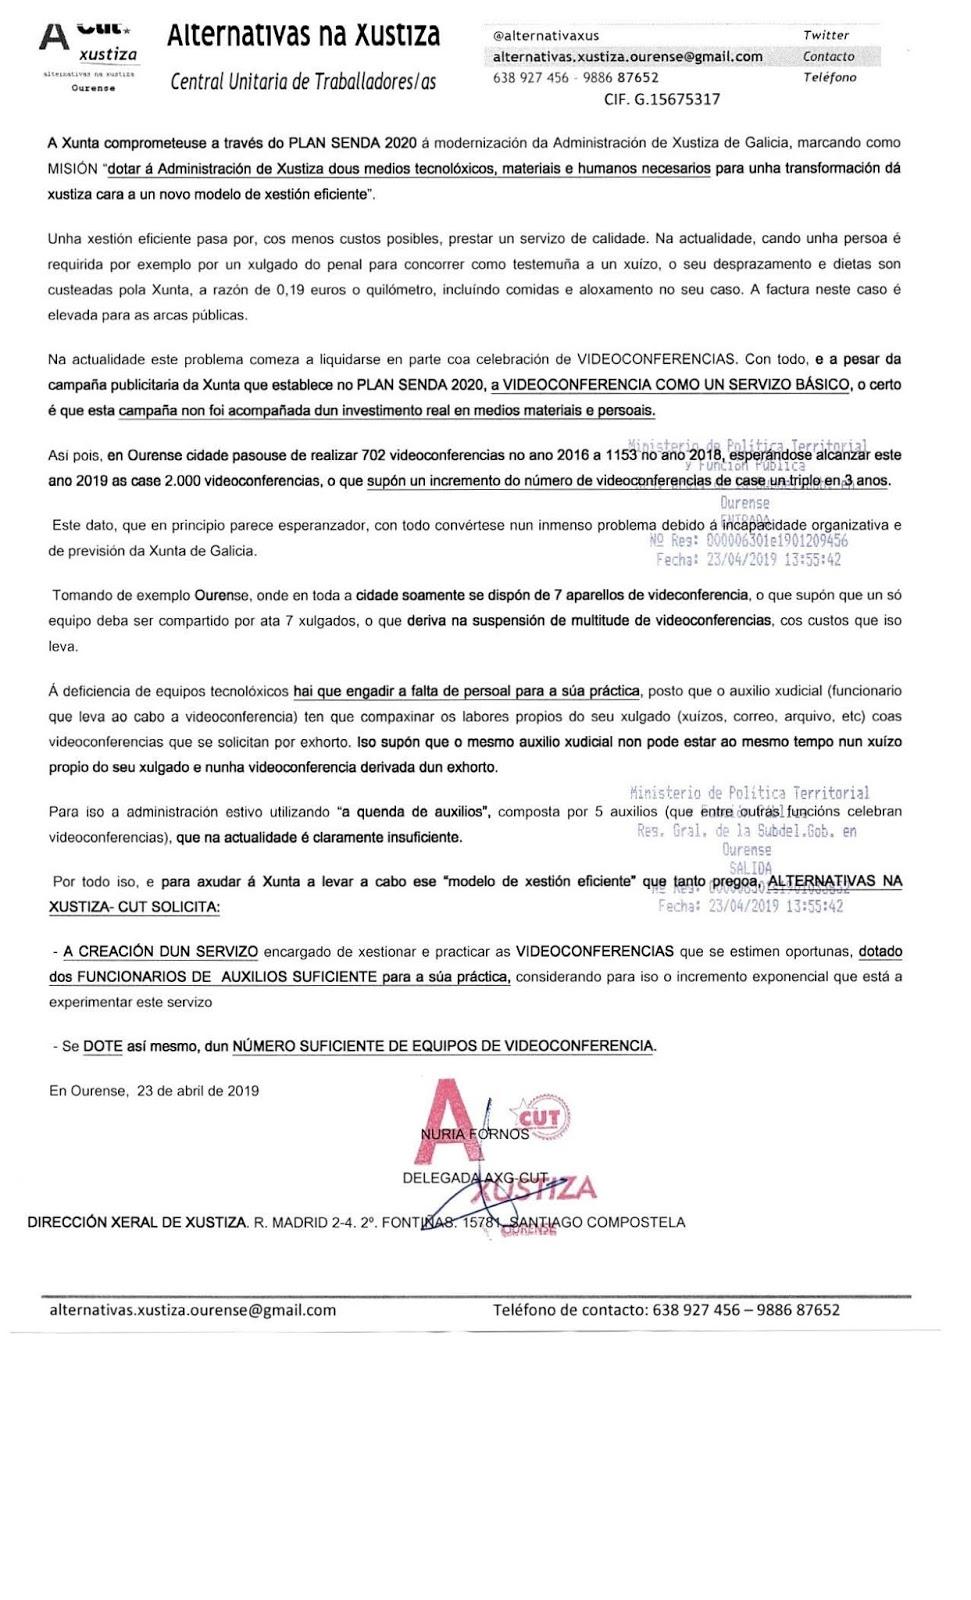 Calendario Laboral Ourense 2020.Axg Cut Solicita A Creacion Dun Servizo Para Videoconferencias En